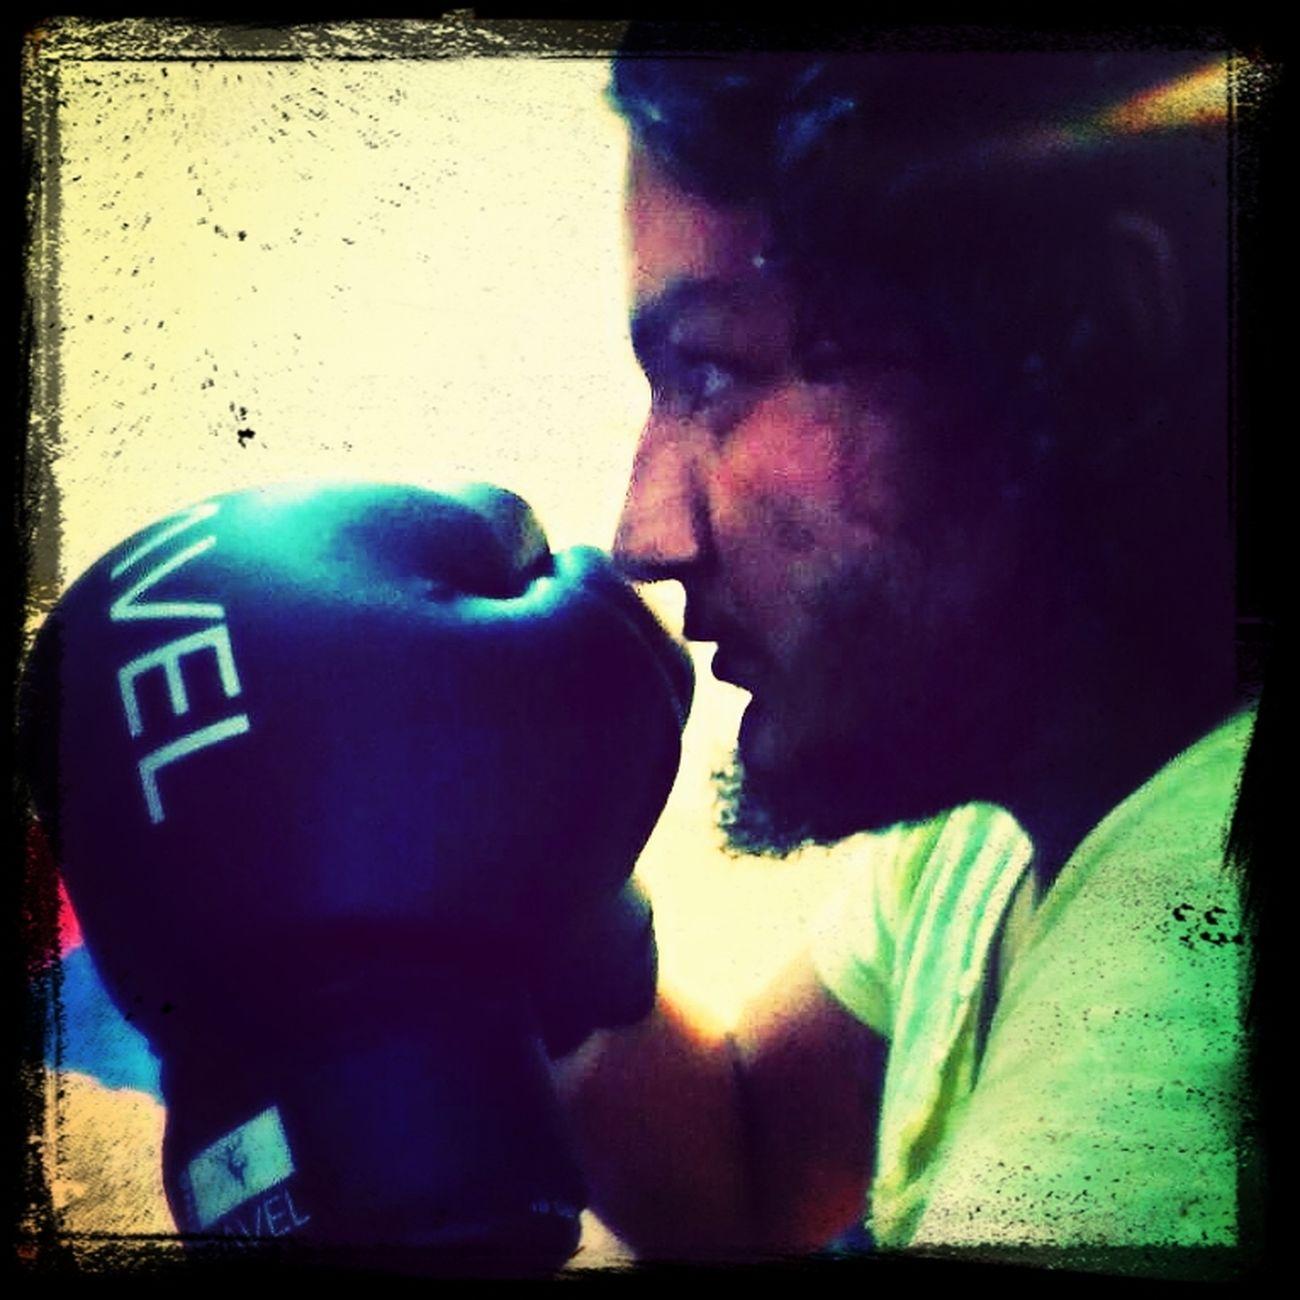 Kickbox Özlemişimm 7 sene sonra tekrar